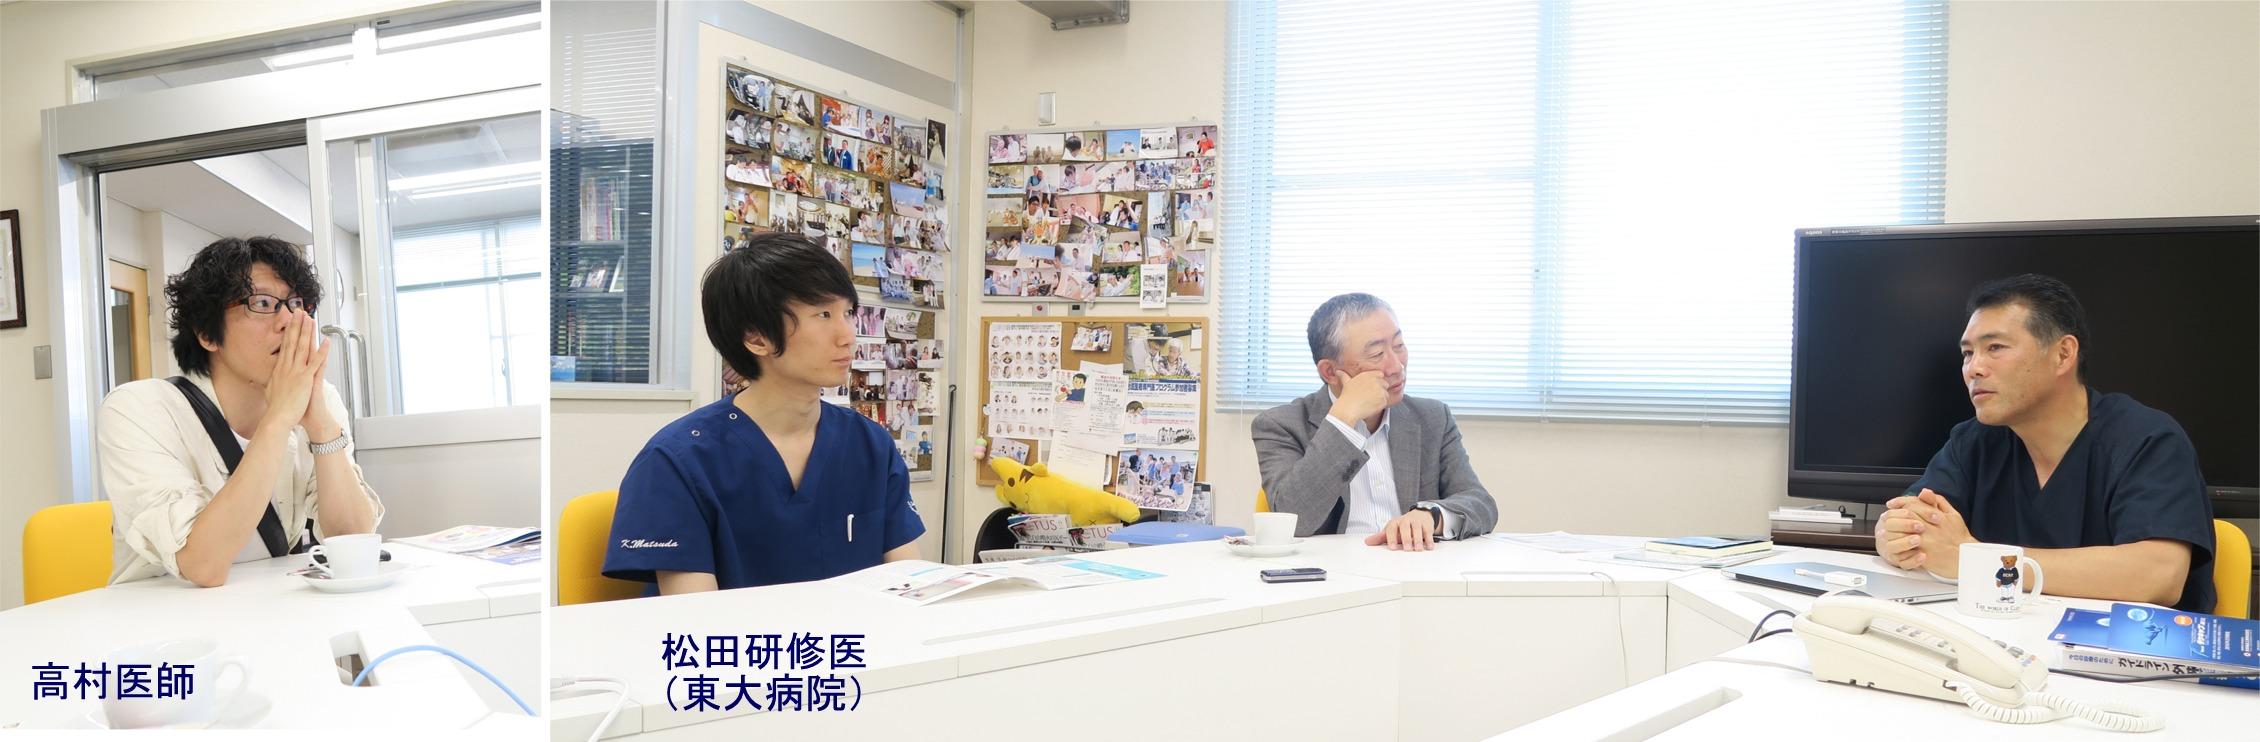 20150520_kitamura Dr2.jpg